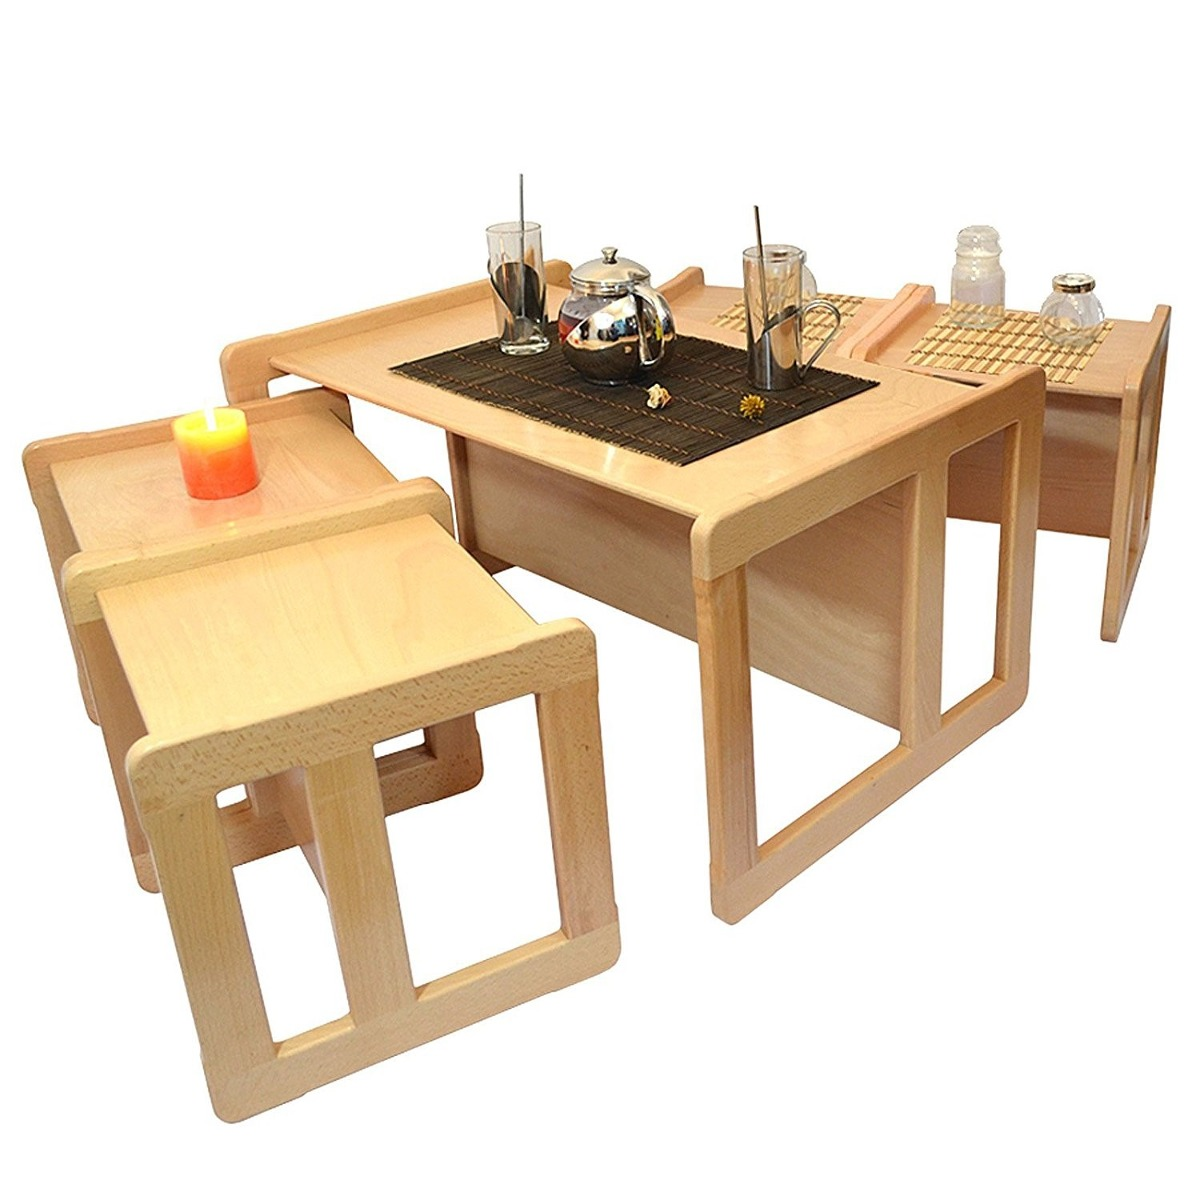 3 en 1 comedor para ni os 4 sillas 1 mesa madera de pino bs en mercado libre - Mesas madera ninos ...